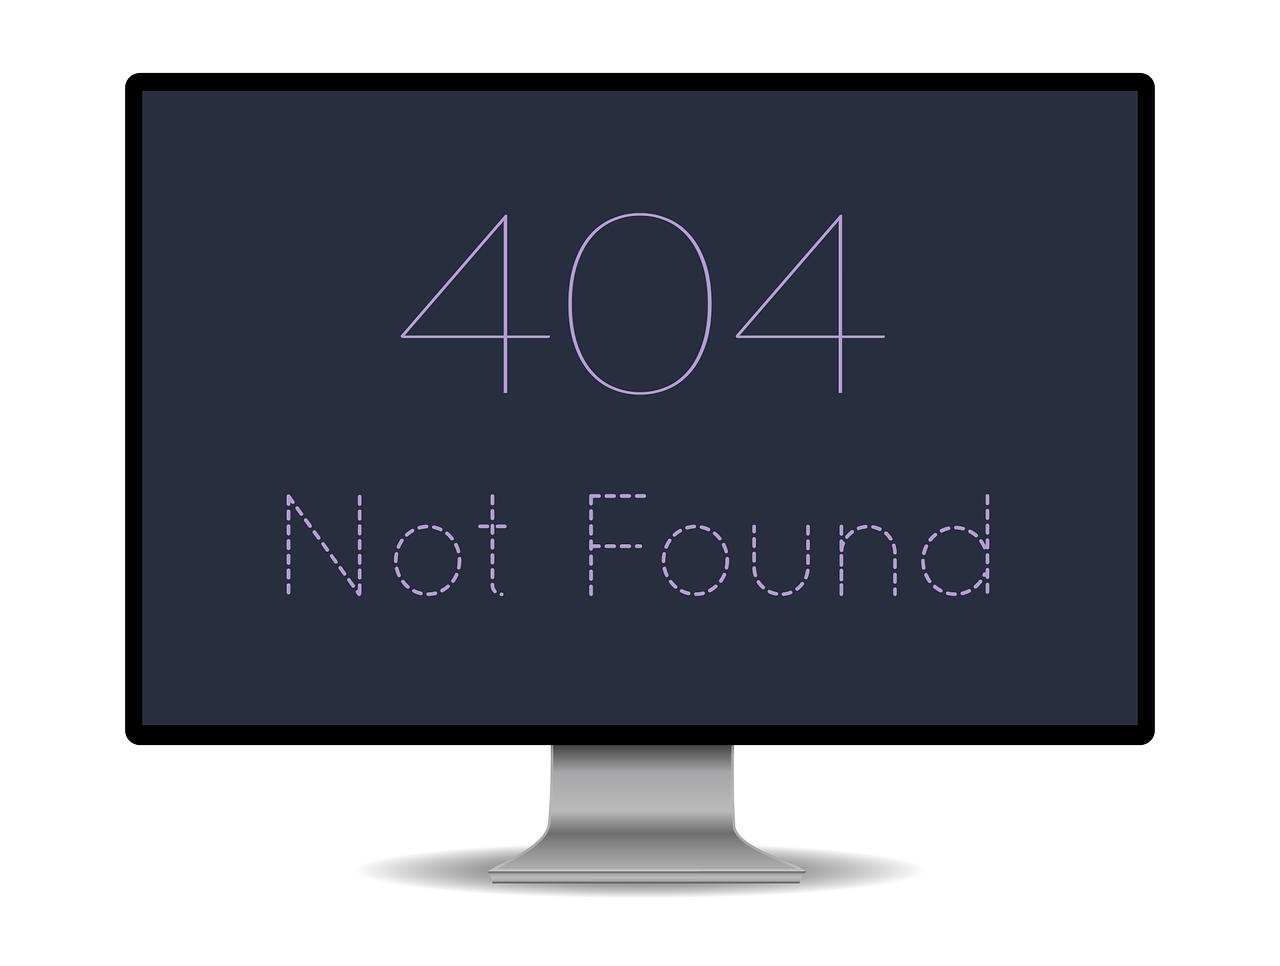 Image result for error 404 link not found for better explaining broken links and ultimately backlinks for SEO